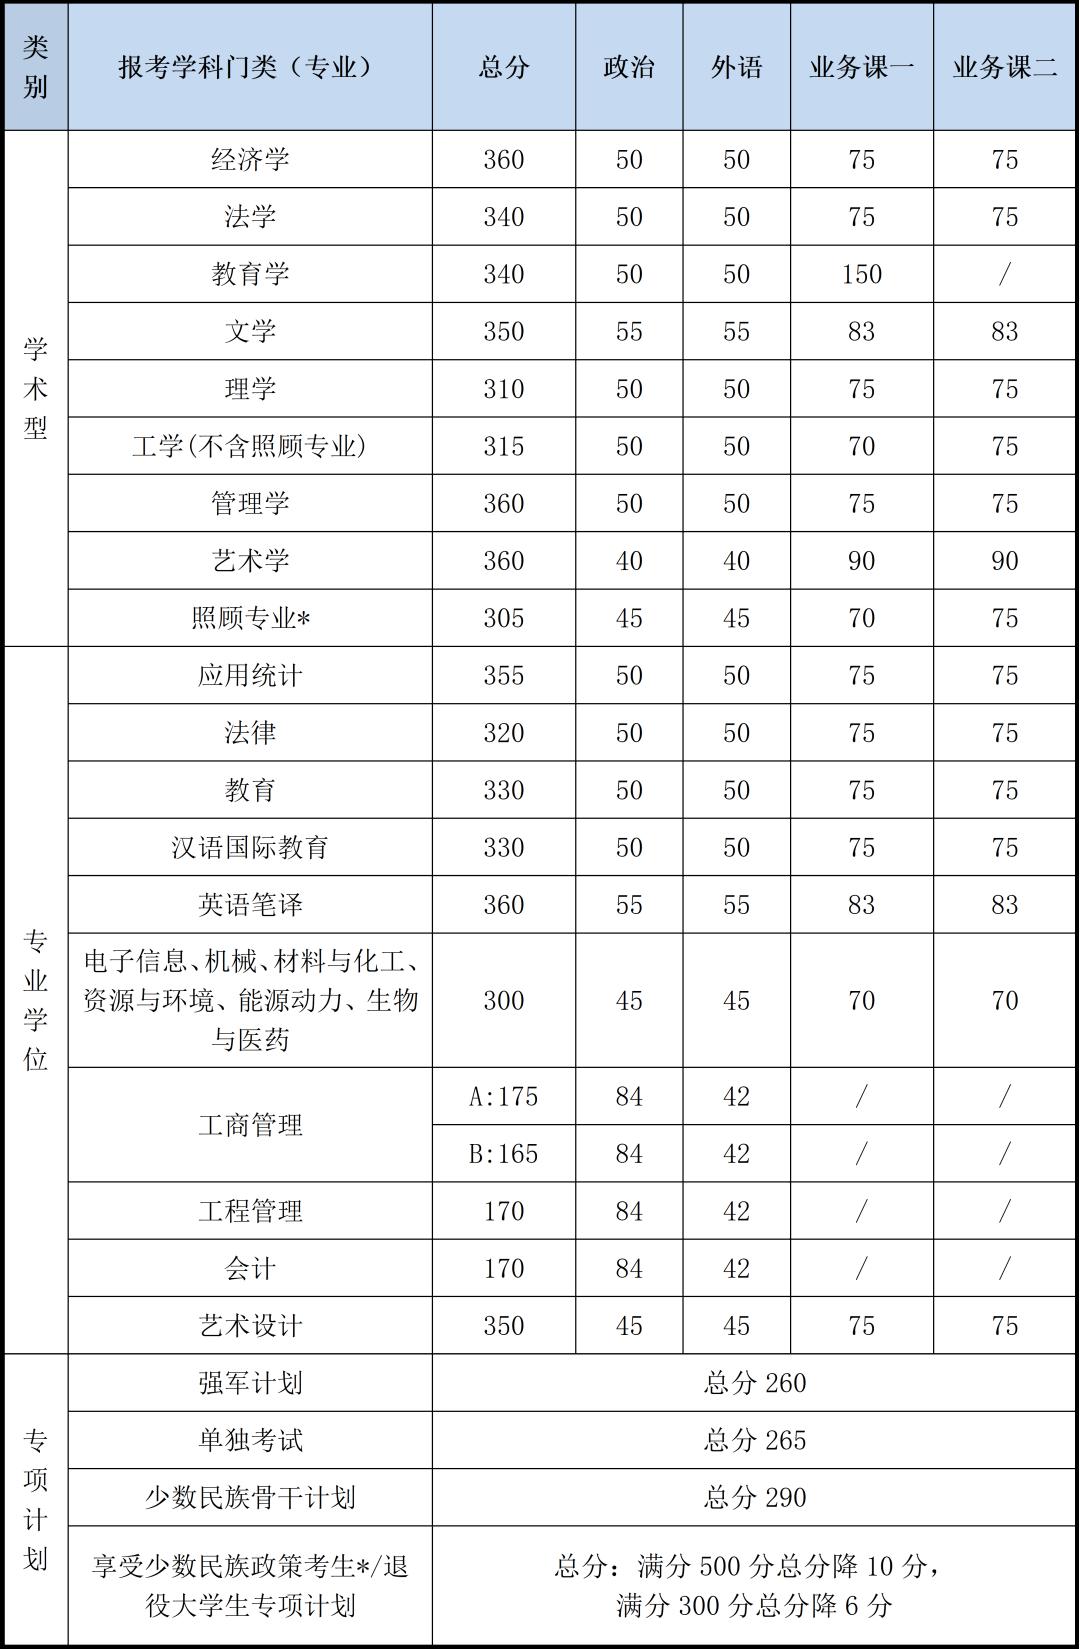 北京理工大学2020年硕士研究生招生考试复试基本分数线